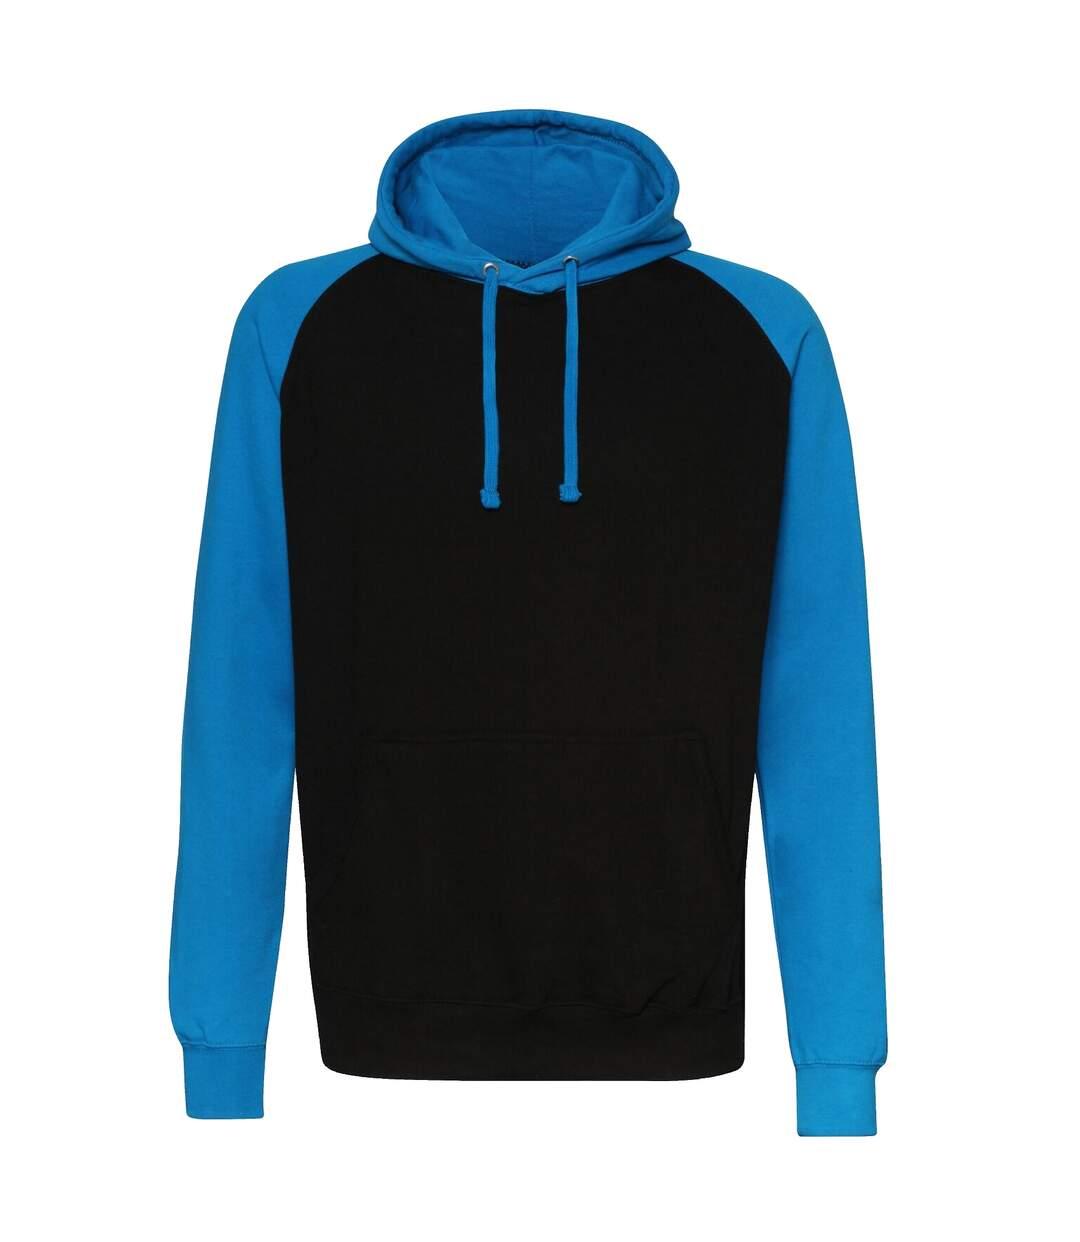 Awdis Just Hoods Adults Unisex Two Tone Hooded Baseball Sweatshirt/Hoodie (Charcoal/Jet Black) - UTRW3928